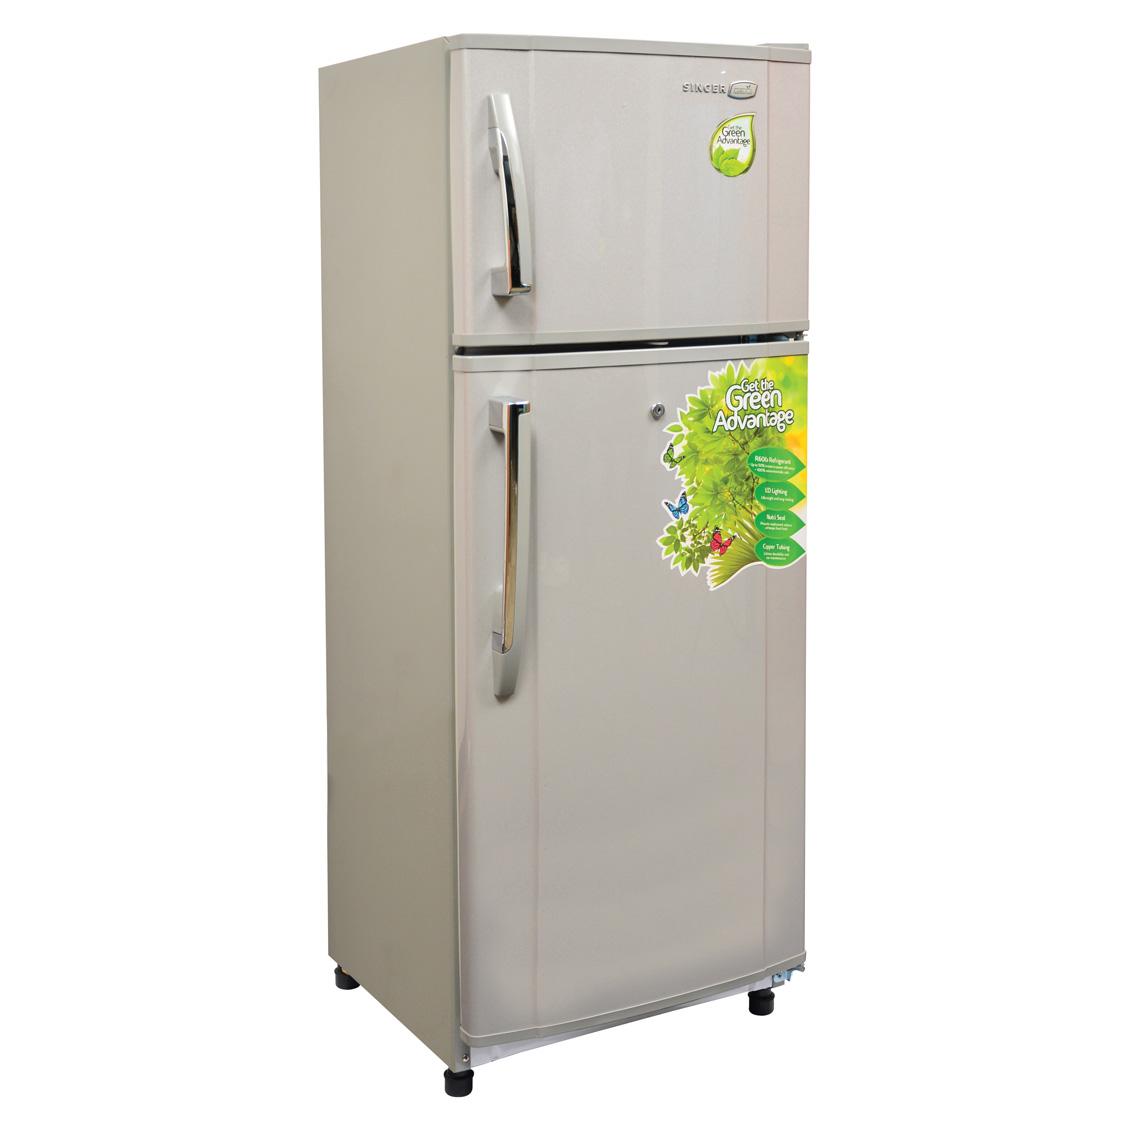 GEO Refrigerator - 210L, Eco-Friendly, 2 Door      GEO-242D